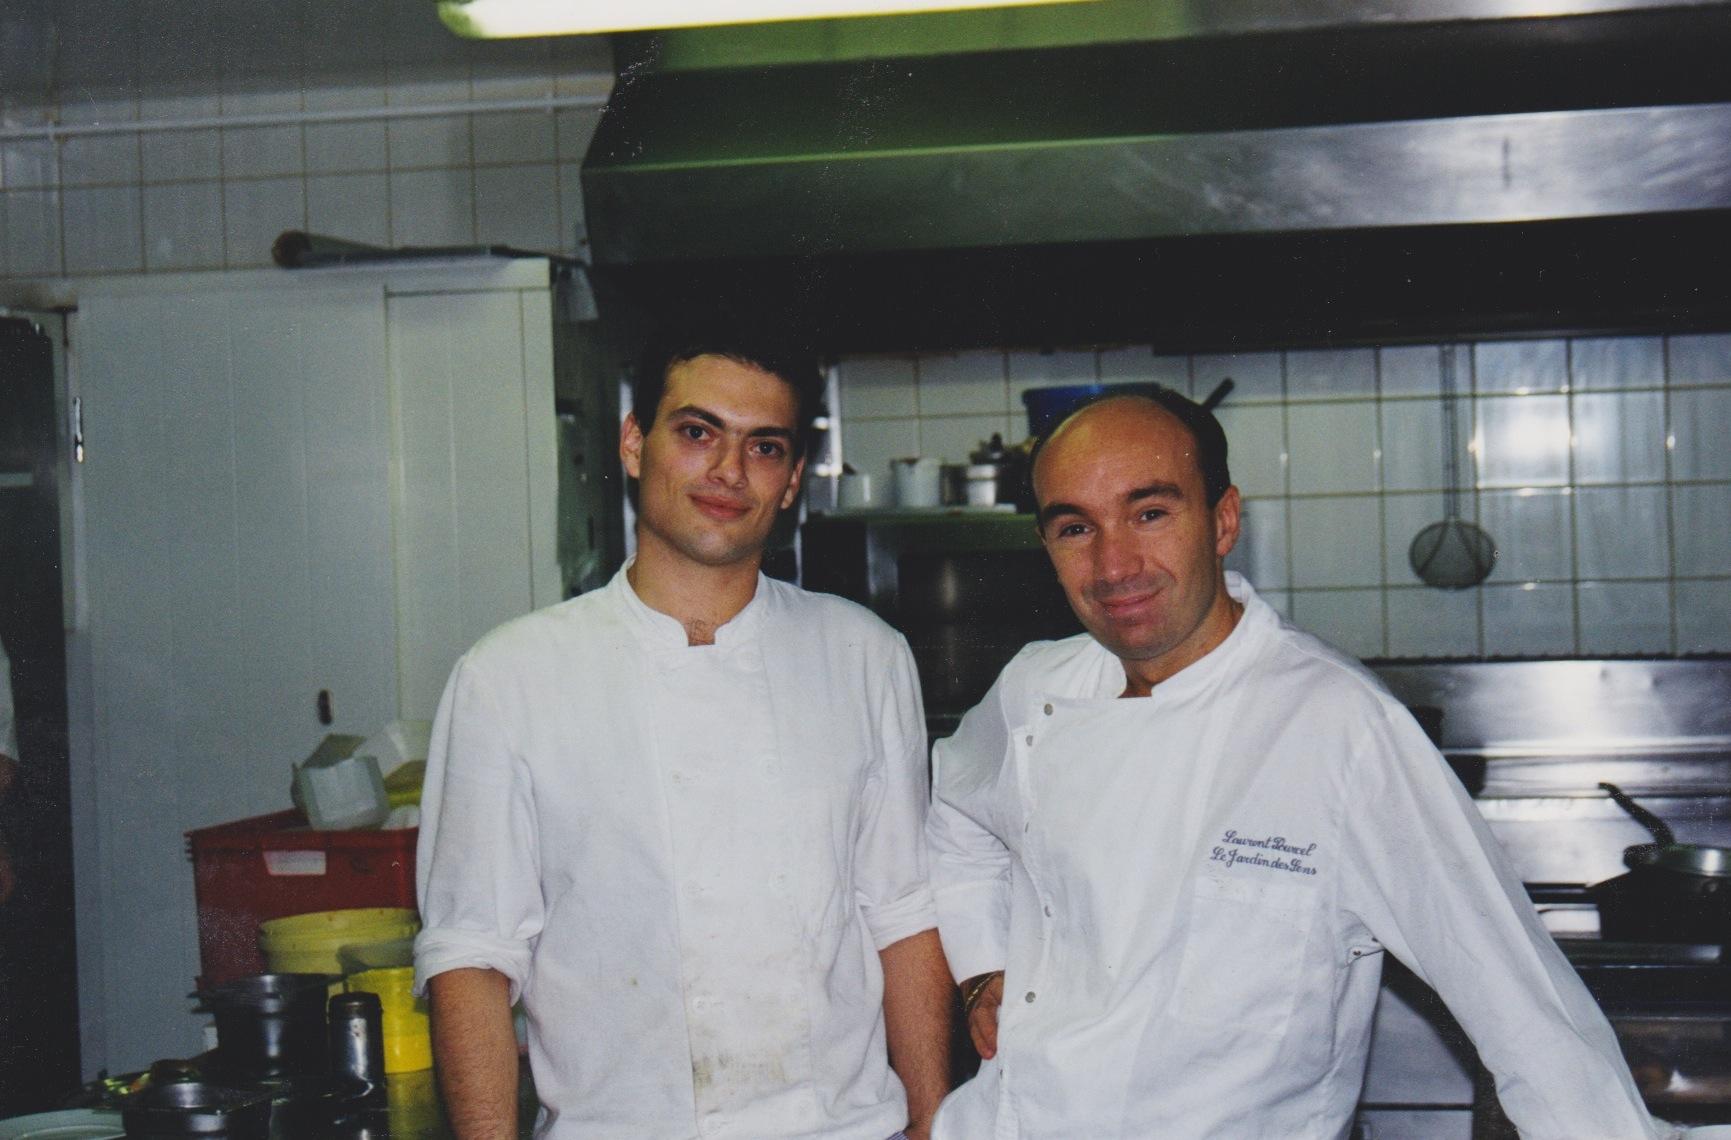 עם לורן פורסל, ג׳רדאן דה סנס במונפלייה...